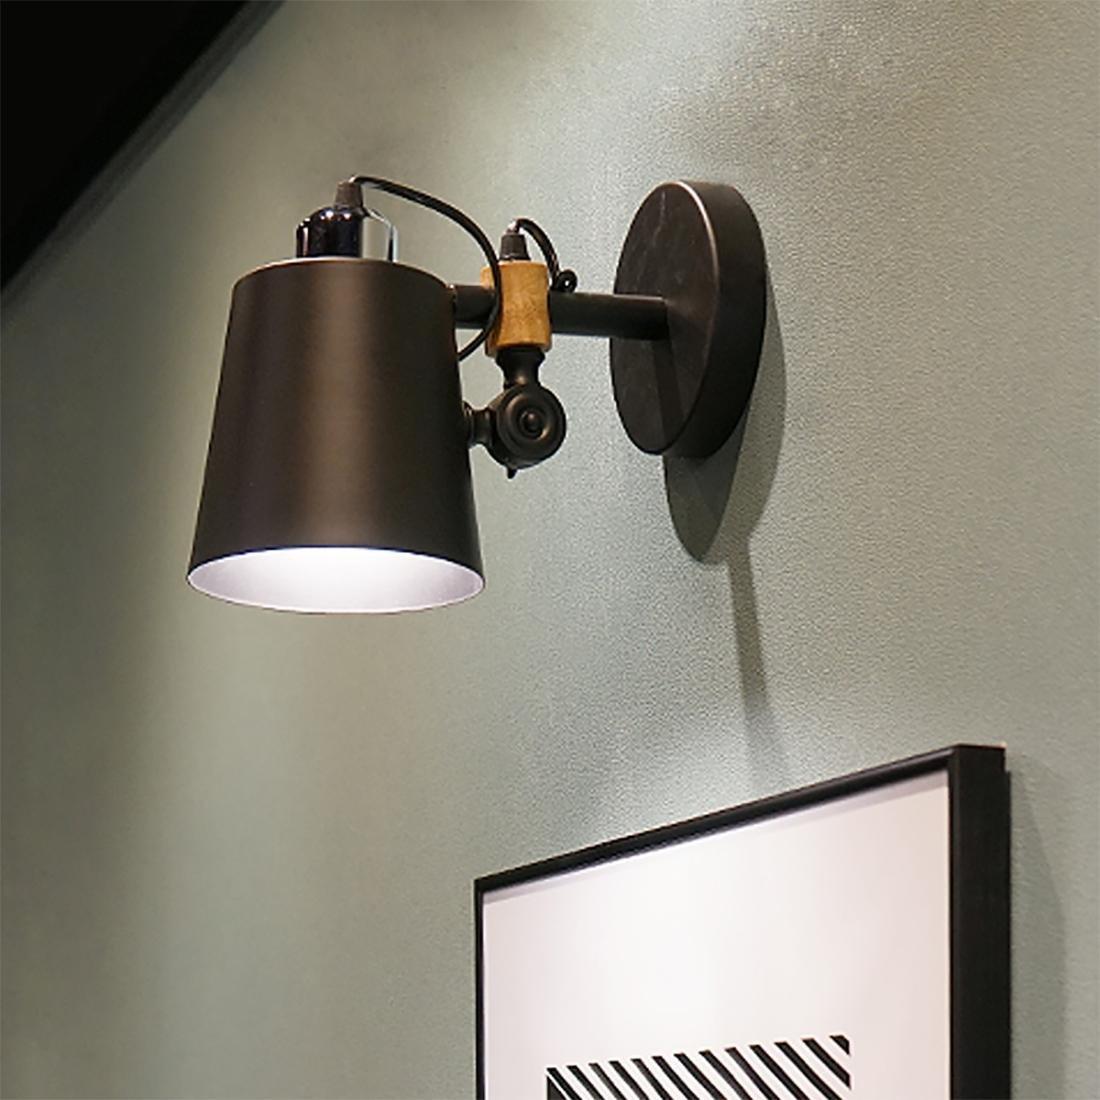 economico online BENJUNEuropa Moderno Semplice Arte Lampada da da da parete a LED Lampada da comodino Camera da letto lampada da parete Soggiorno Balcone Navata Lampade scale 17  25  15cm  in linea